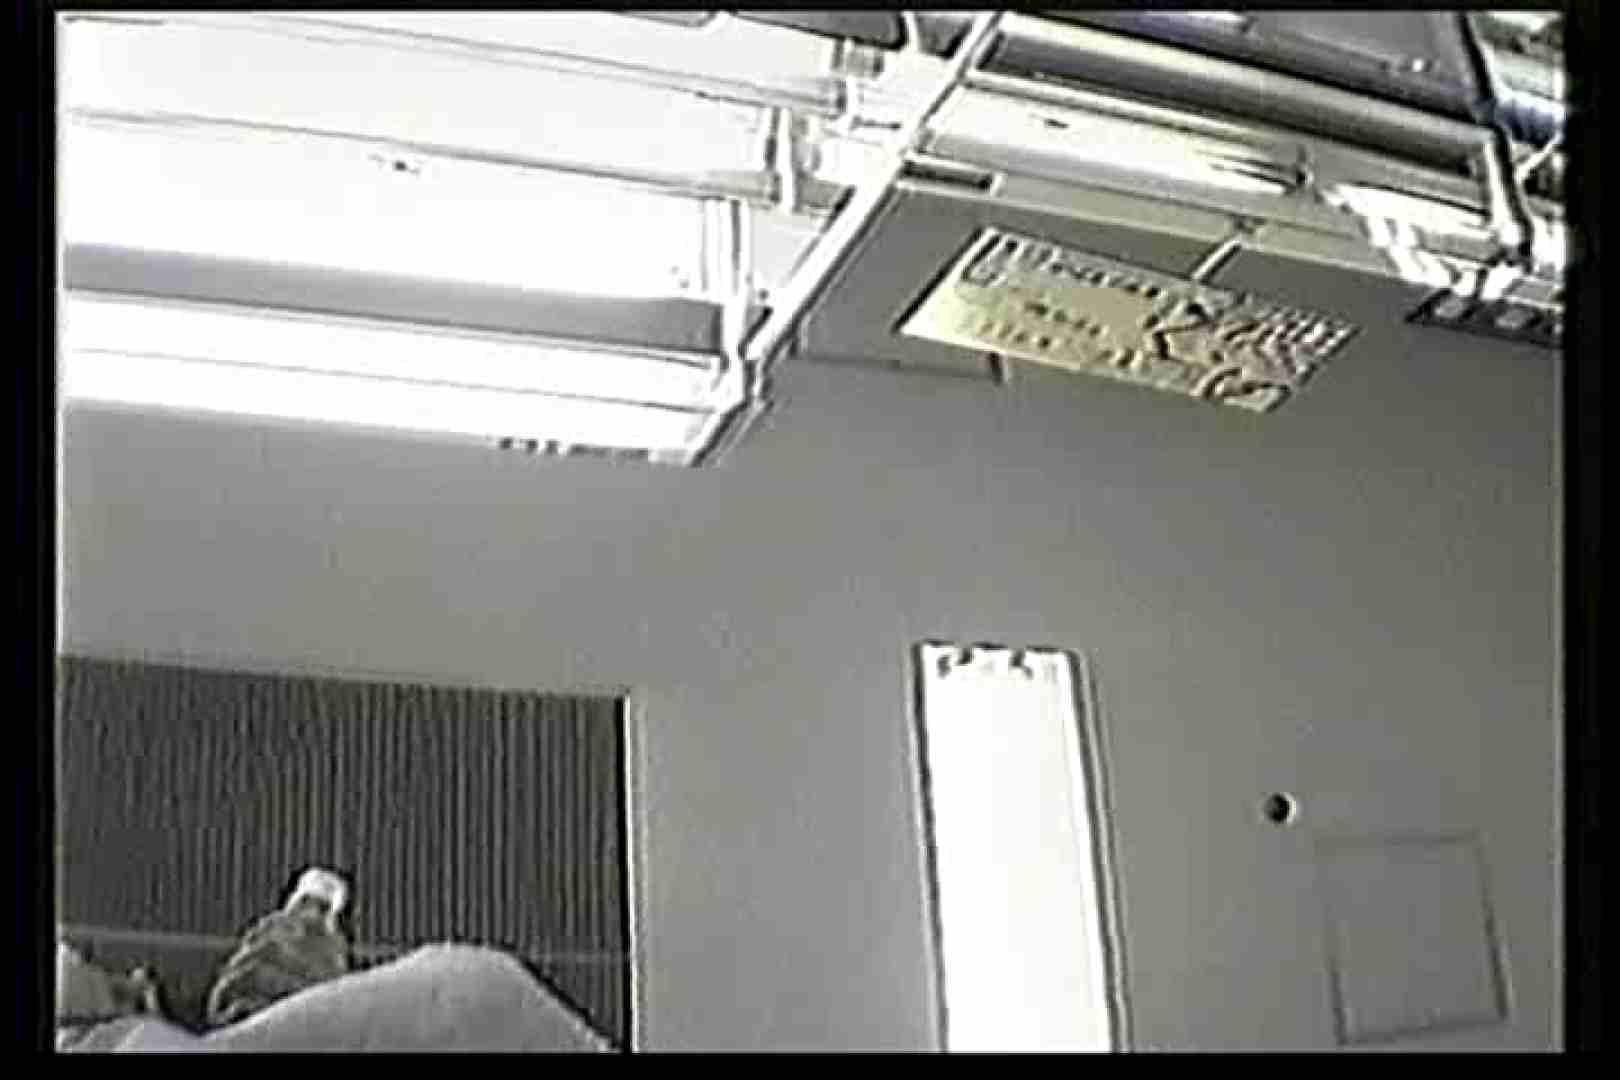 院内密着!看護婦達の下半身事情Vol.2 パンチラ おまんこ無修正動画無料 105PIX 94